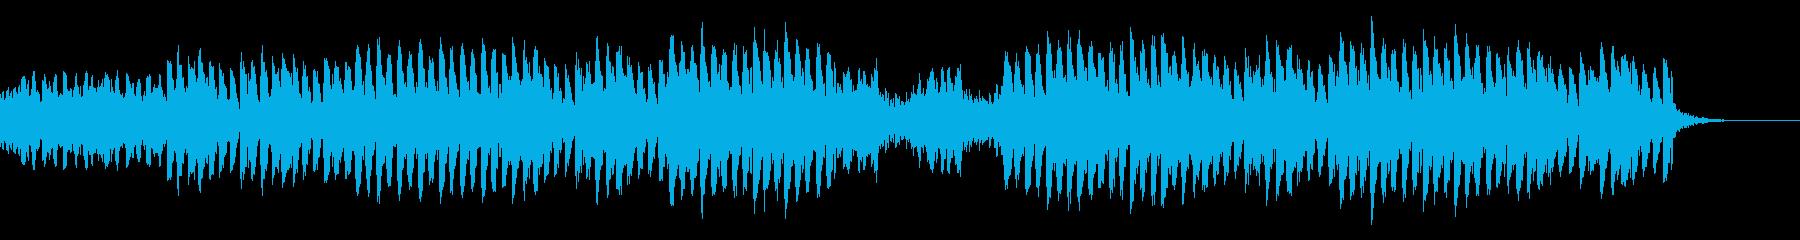 おしゃれ・キャッチー・EDM5の再生済みの波形